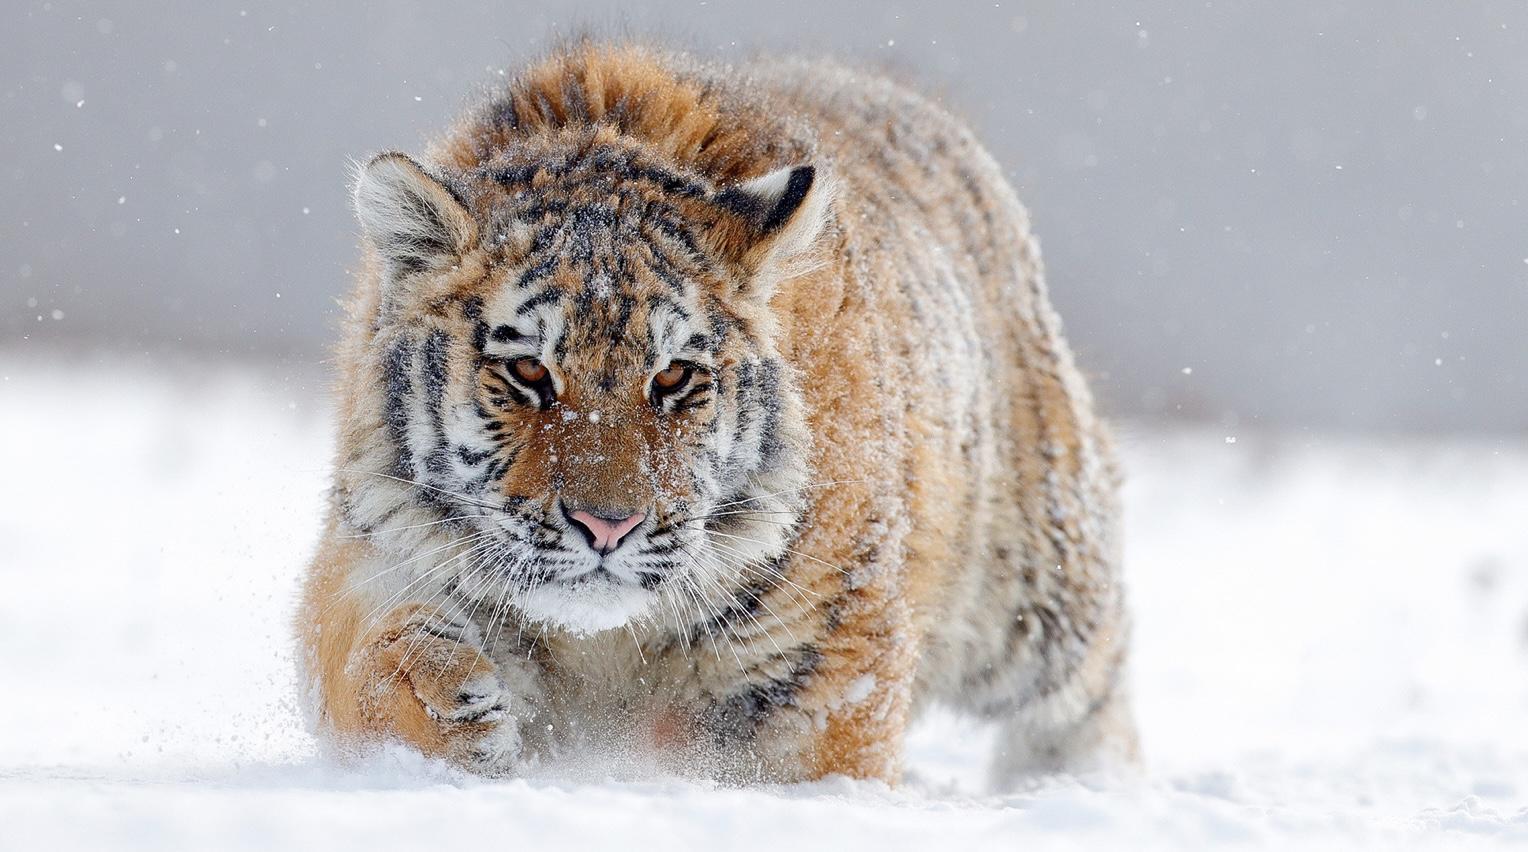 Hổ Siberia đấu gấu xám Bắc Mỹ: Con nào có thể ăn thịt con nào? - 2